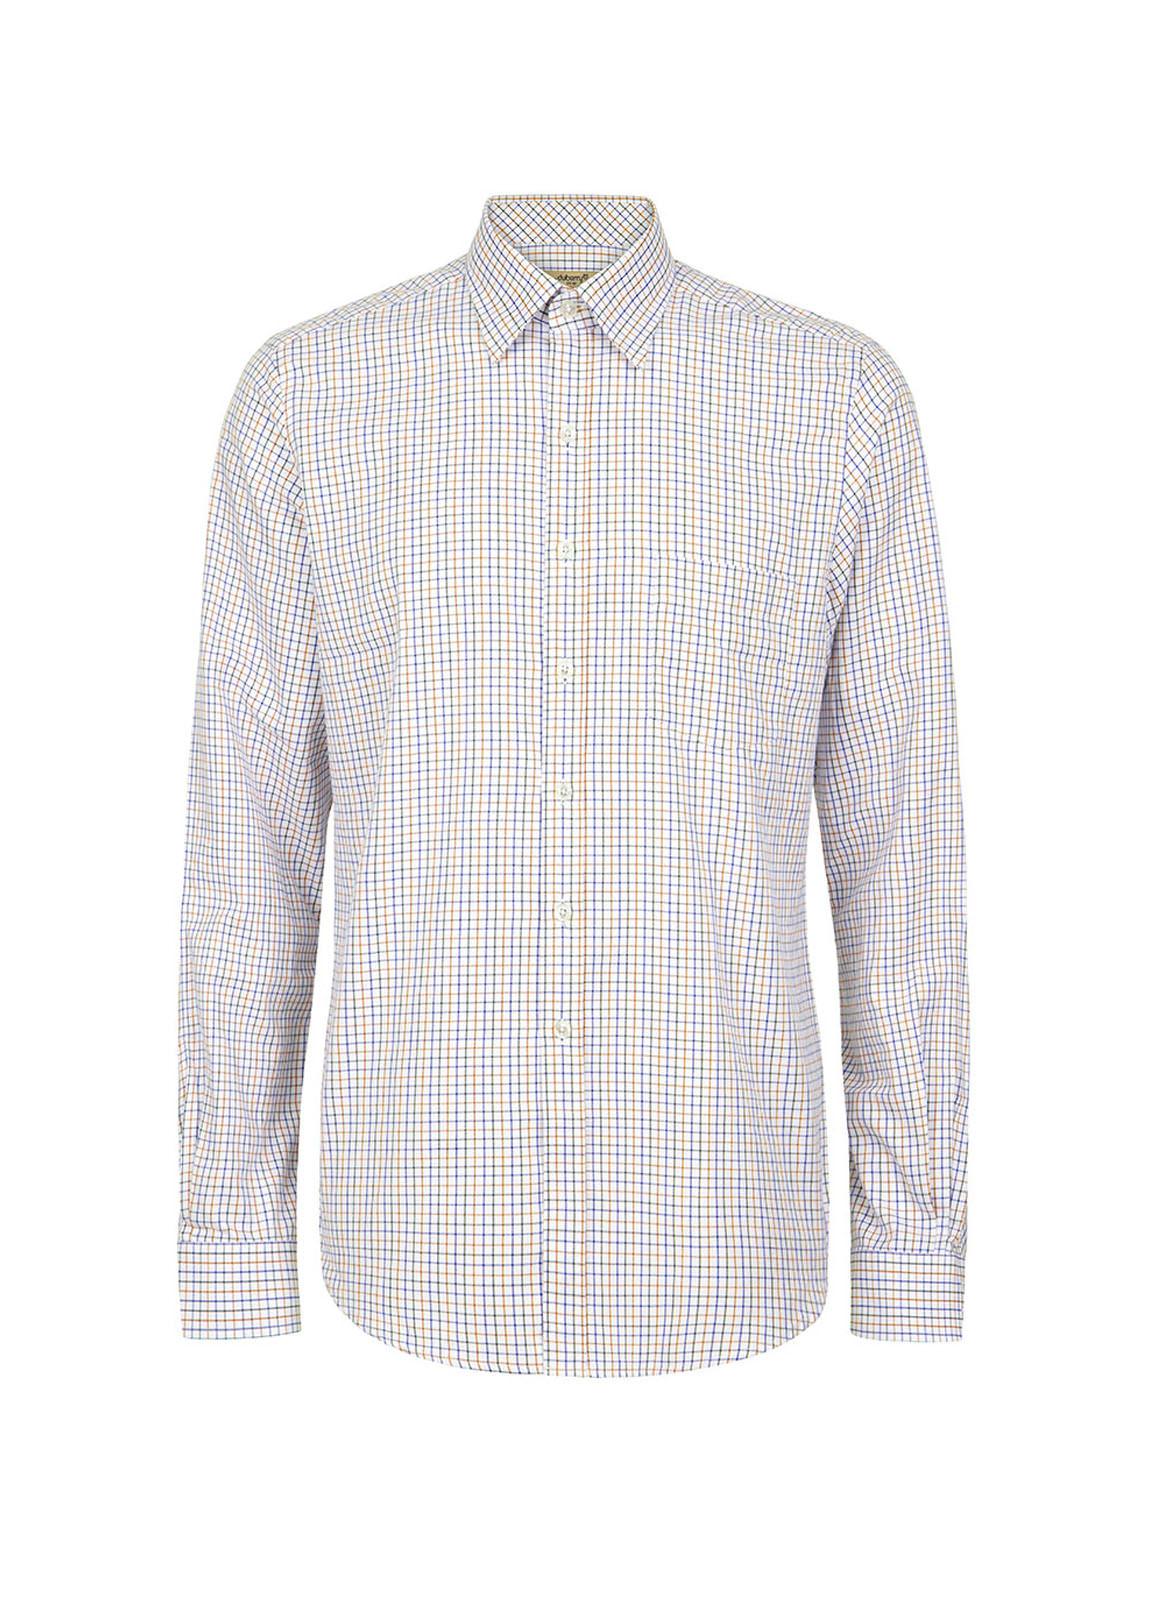 Dubarry_ Slane Men's Cotton Button Up Shirt - Brown Multi_Image_2